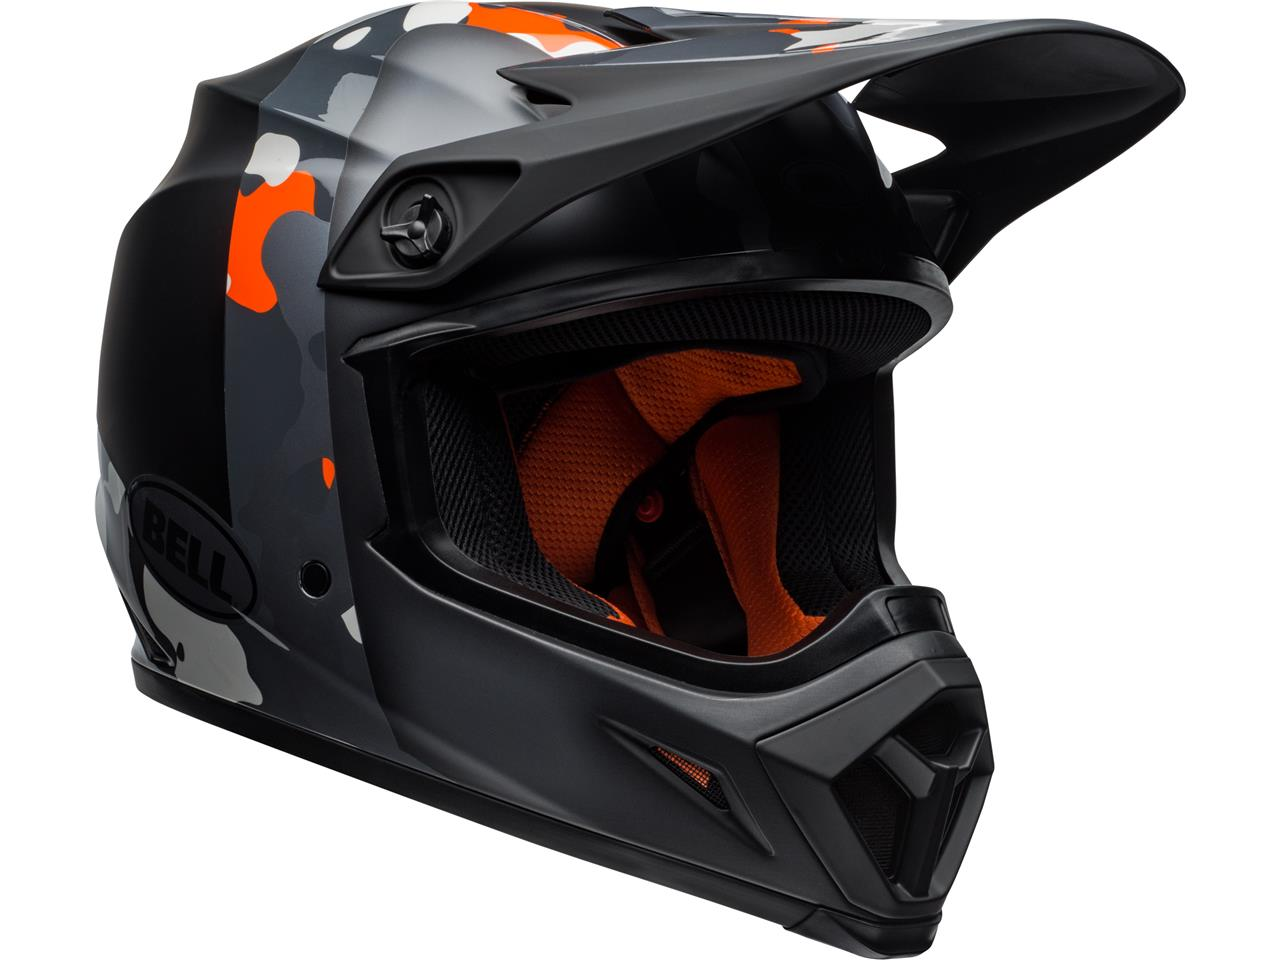 Magasin equipement moto orange